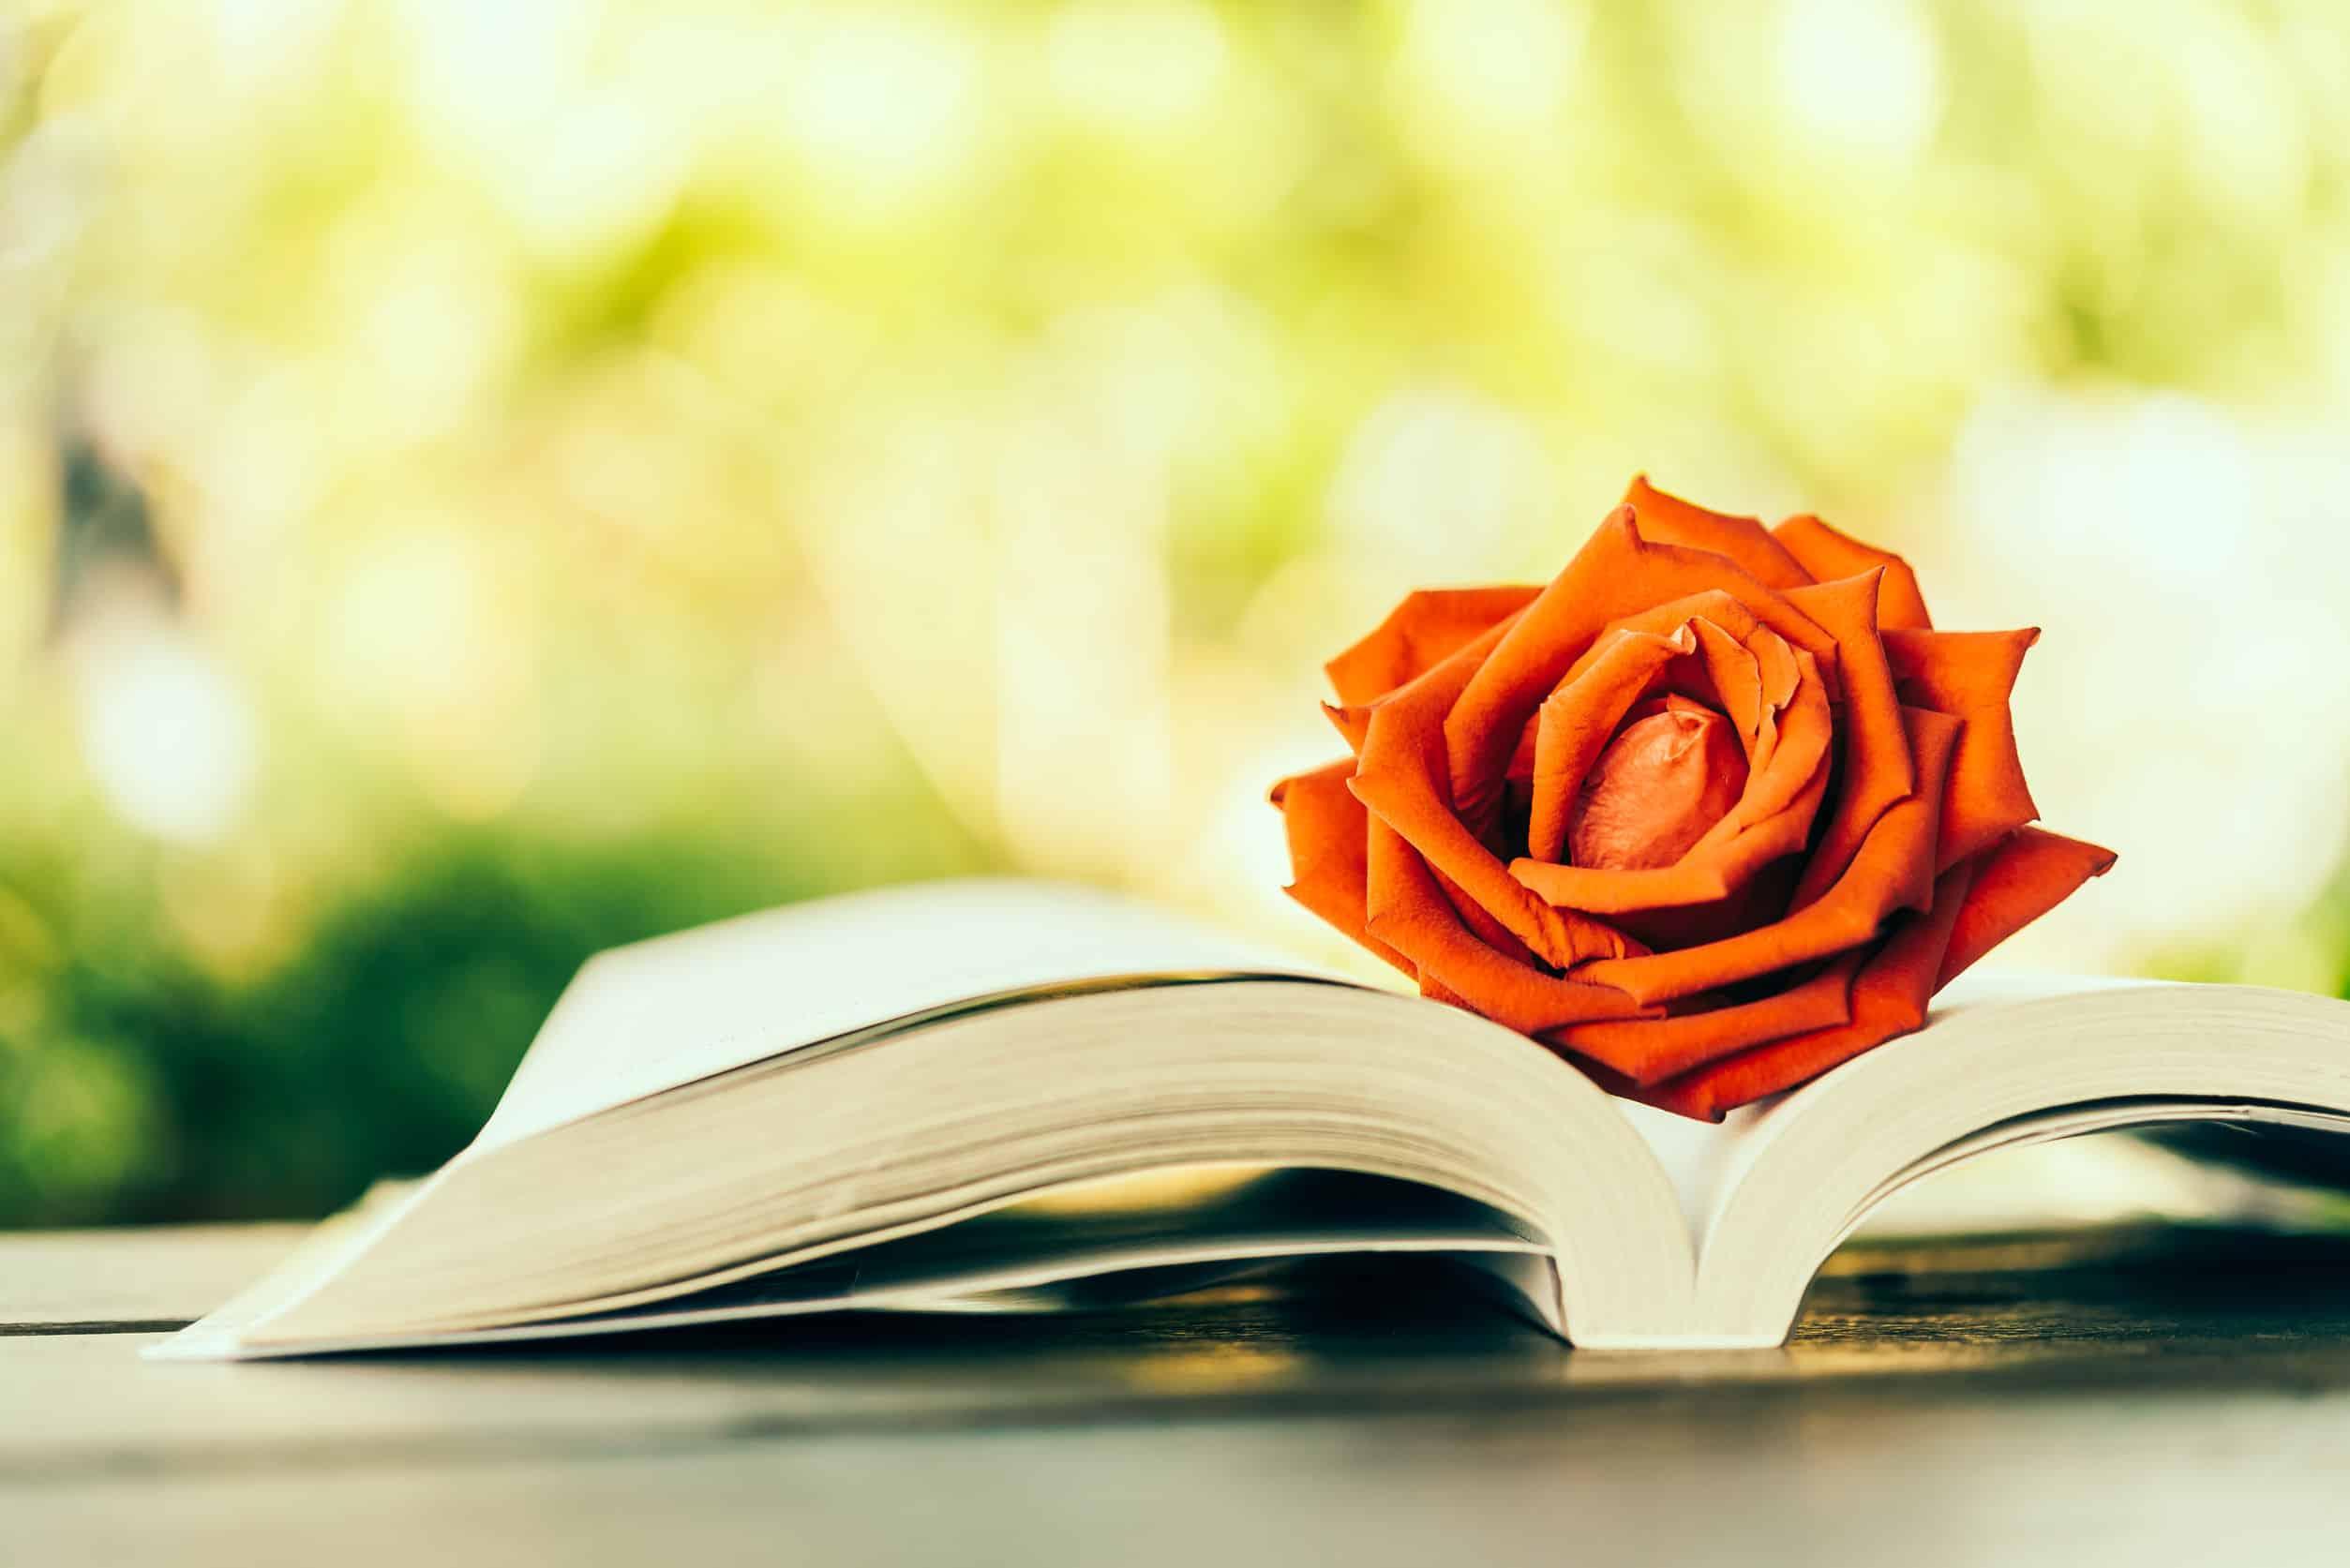 Livros de romance: Qual é o mais vendido de 2020?